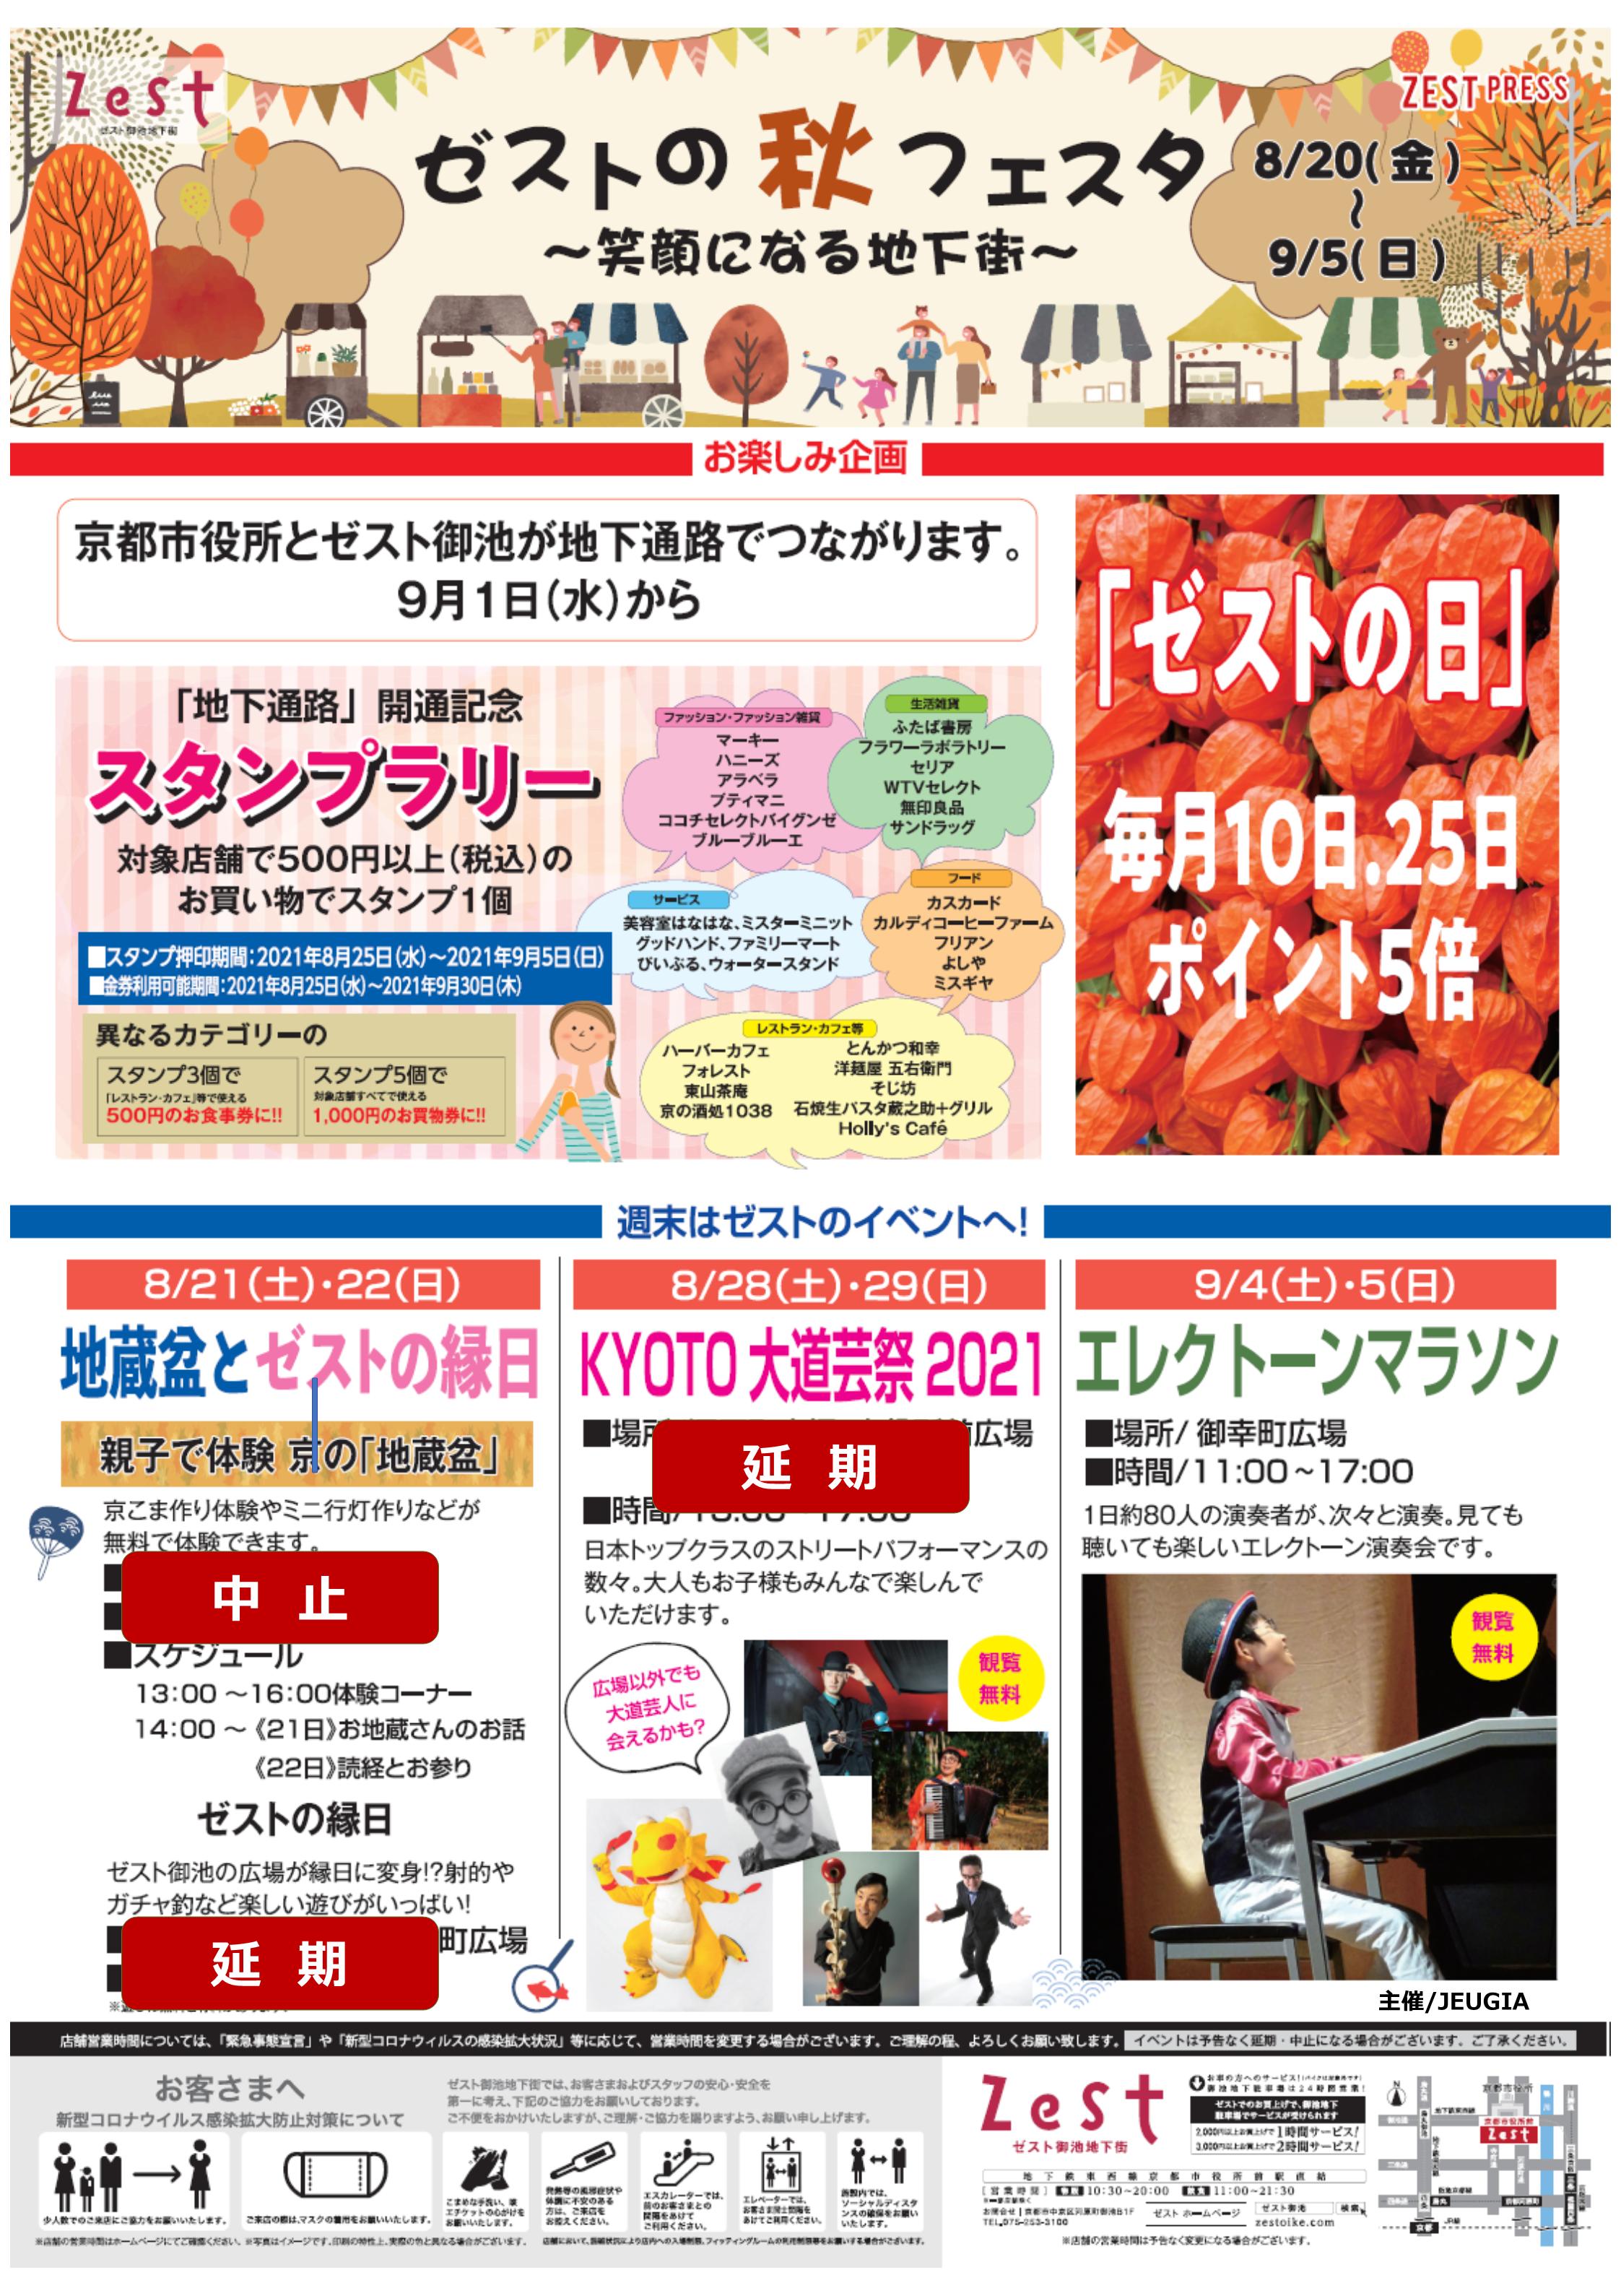 ZEST PRESS「ゼストの秋フェスタ」 8/20-9/5号 発刊しました。